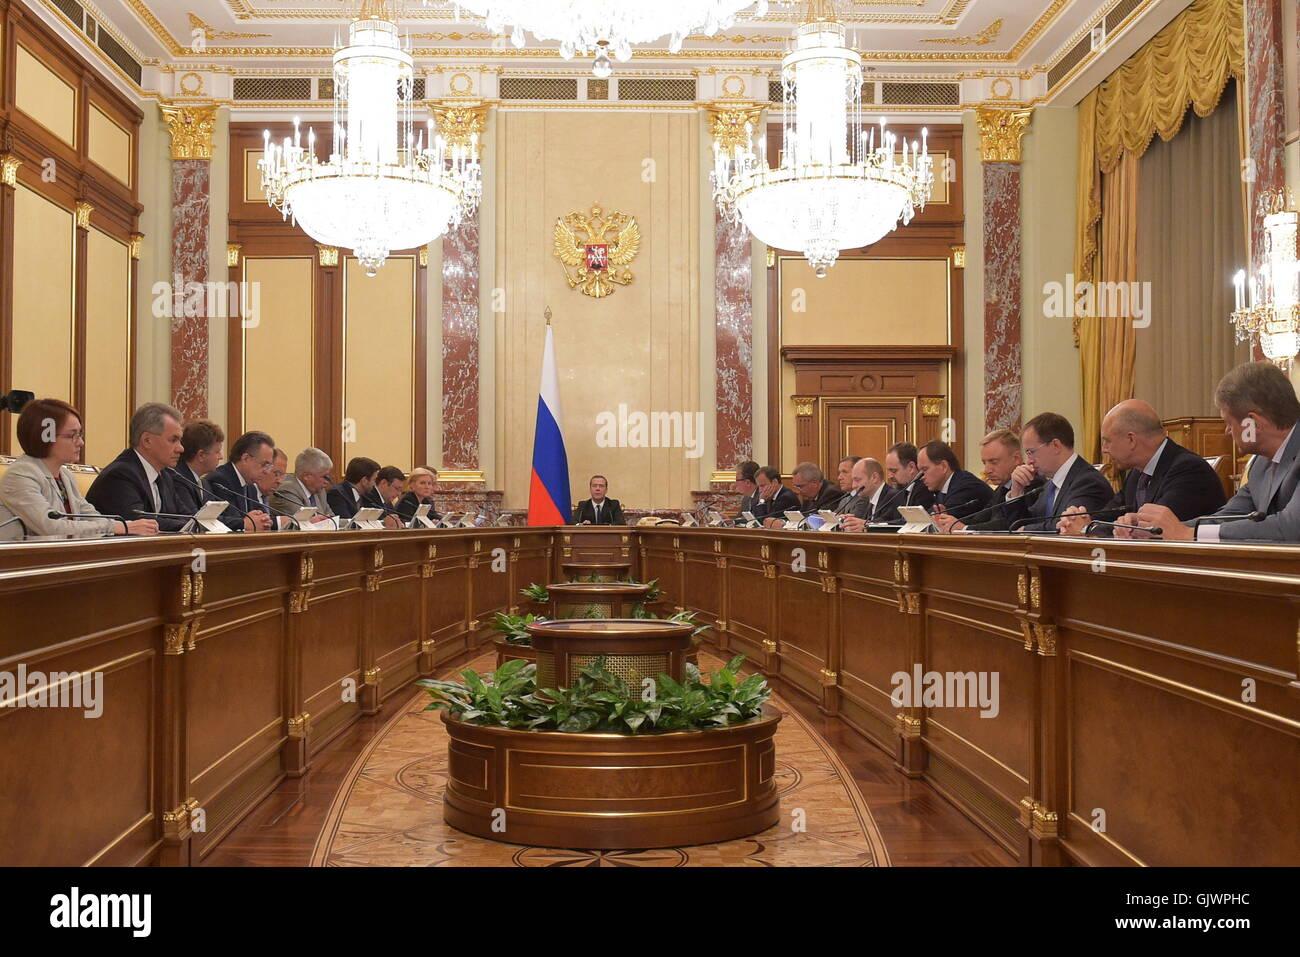 Moskau, Russland. 18. August 2016. Russlands Prime Minister Dmitry Medvedev (C) spricht bei einer Sitzung der russischen Stockfoto